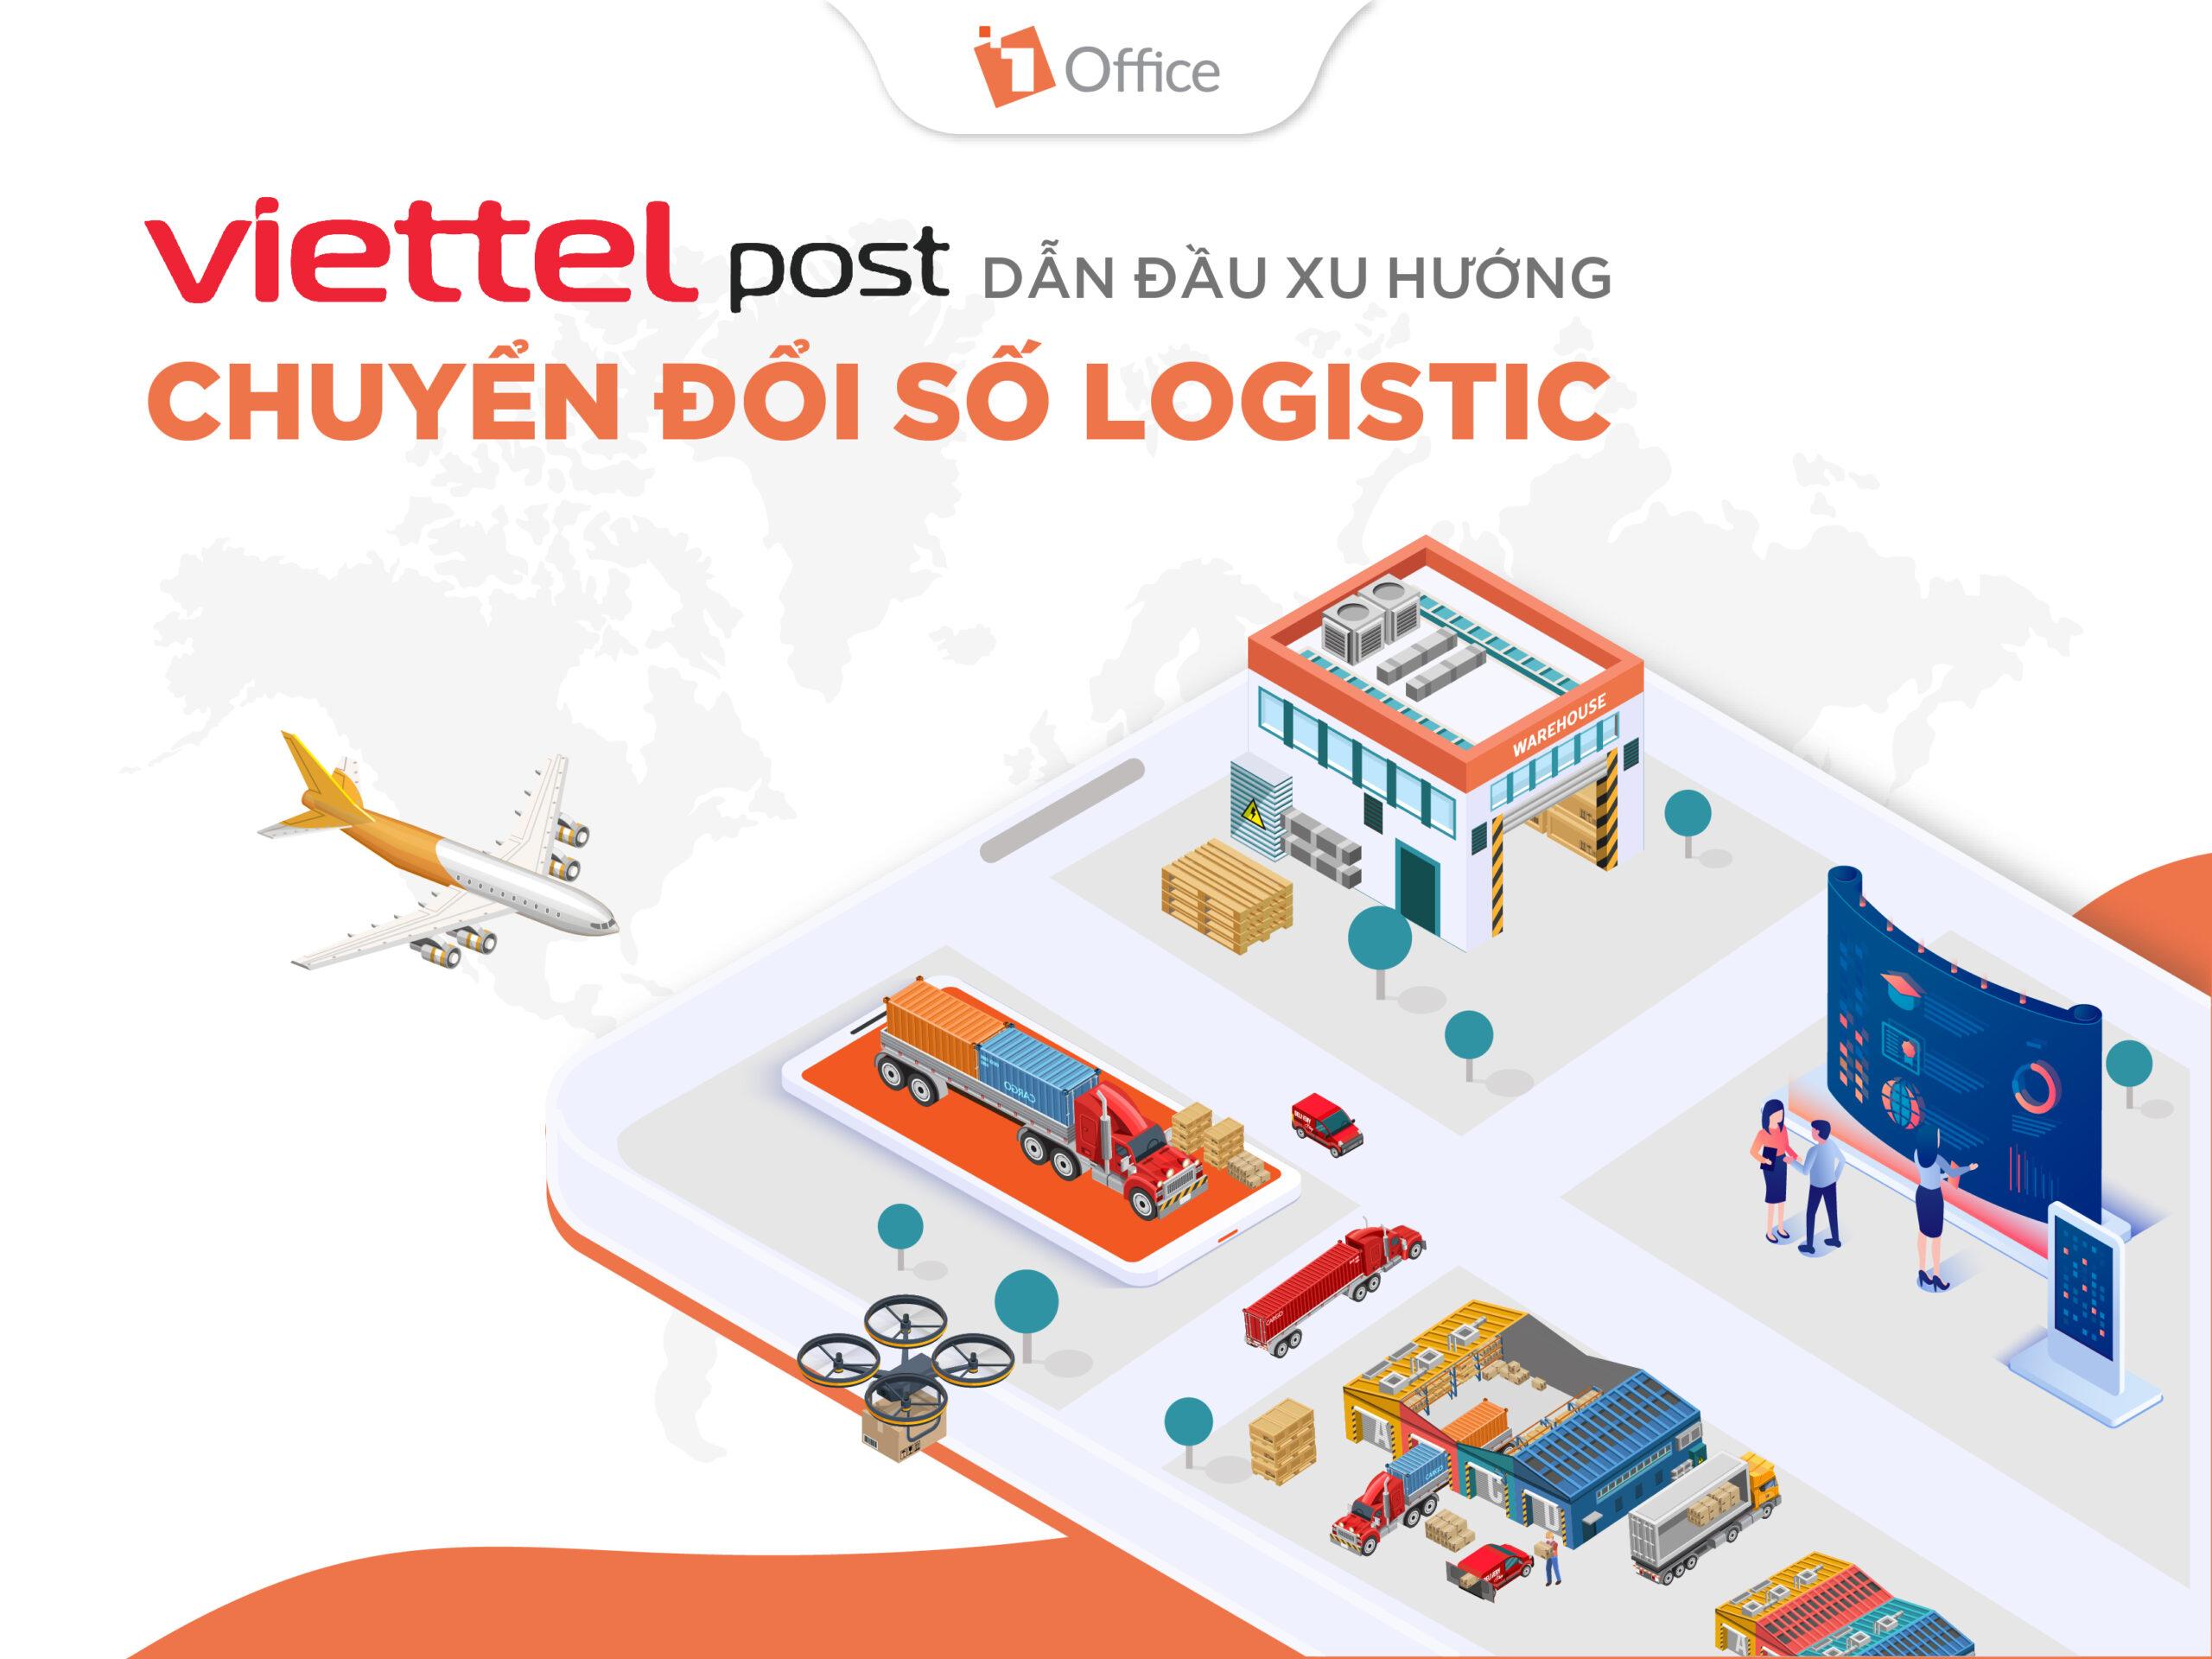 Viettel Post dẫn đầu xu hướng chuyển sổ ngành Logistics